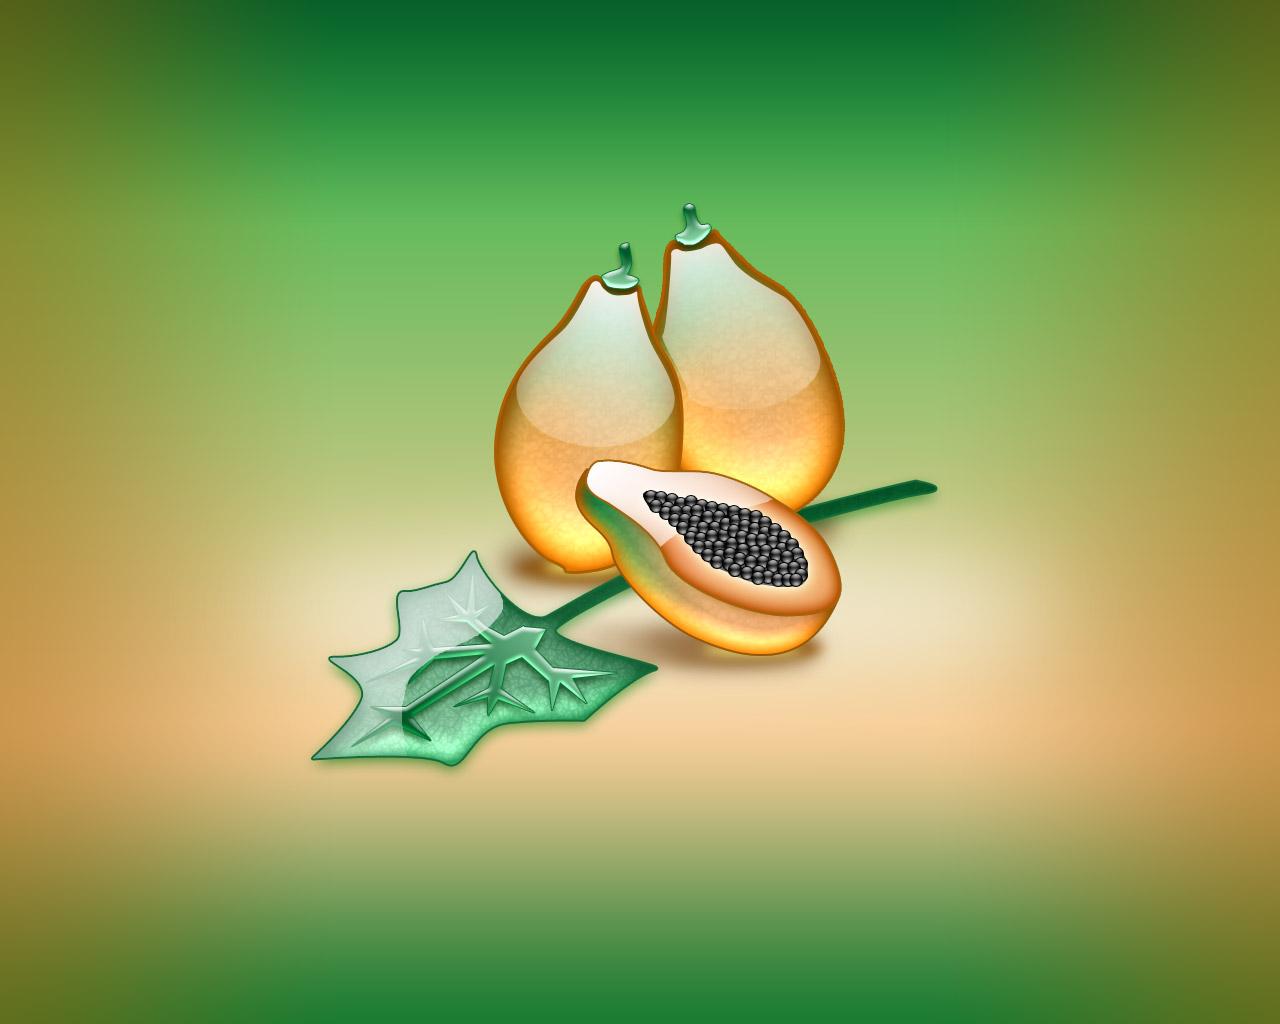 aqua papaya wallpaper abstract - photo #4